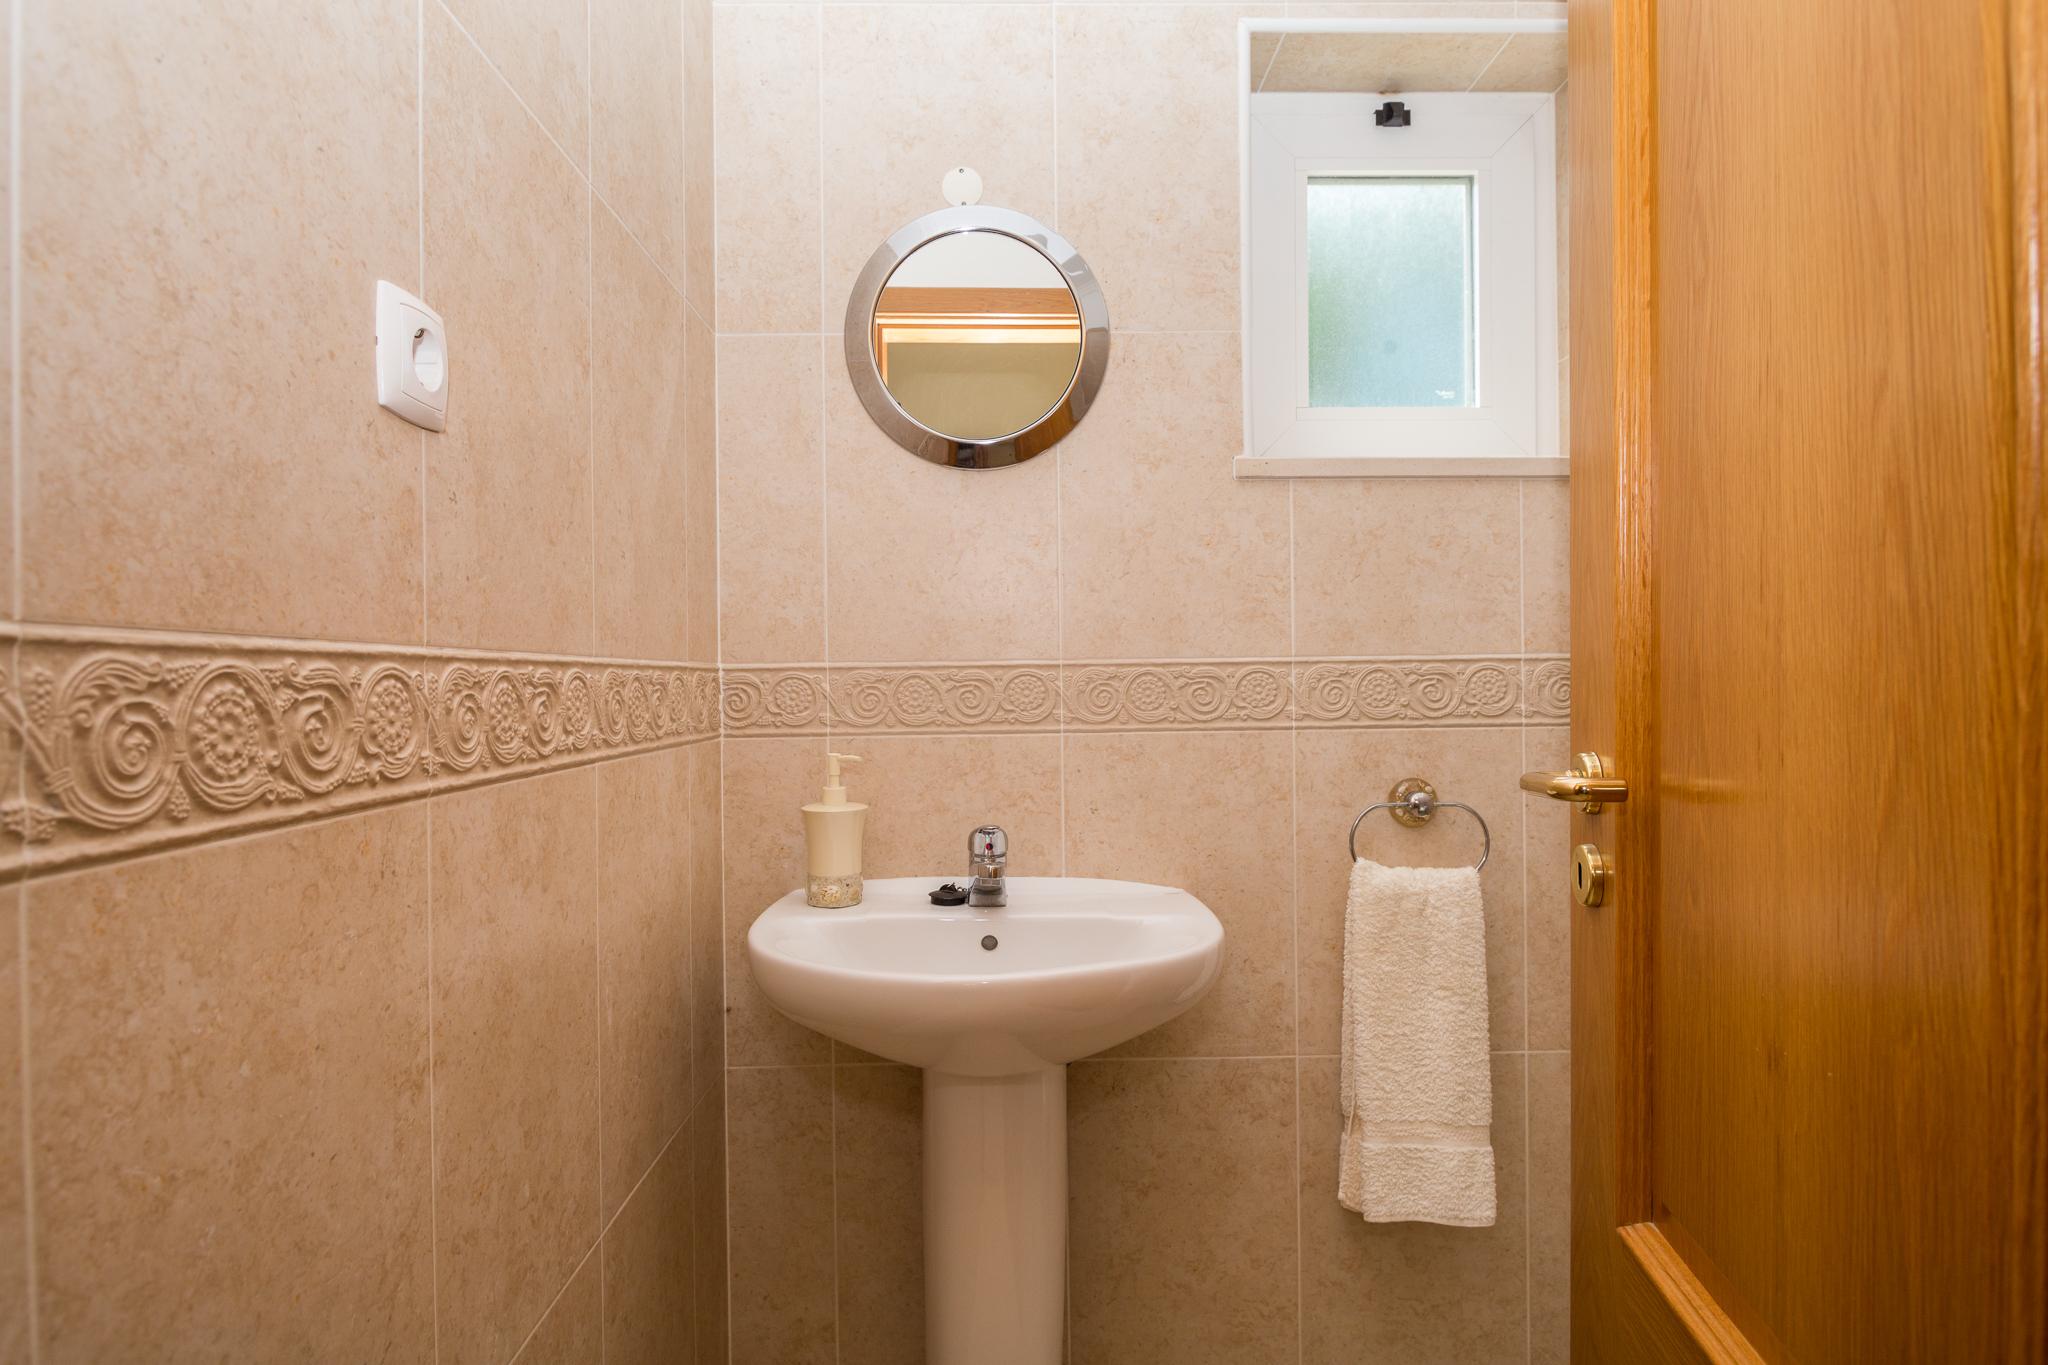 AT009_1-Villa 146 Cloakroom